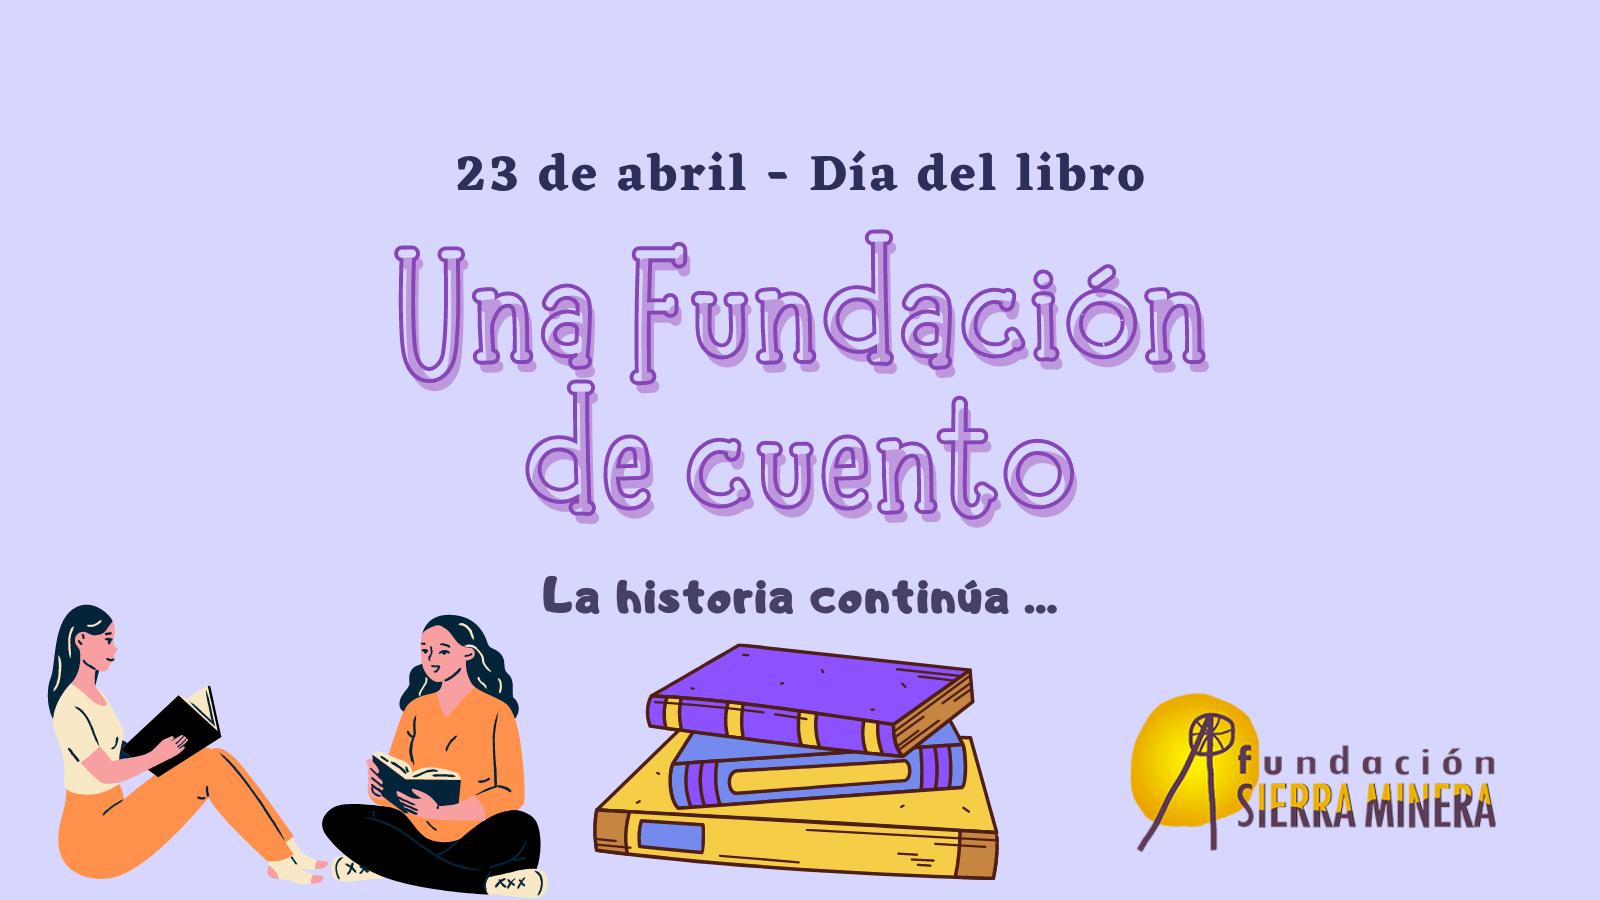 'Una Fundación de cuento' para conmemorar el Día del libro